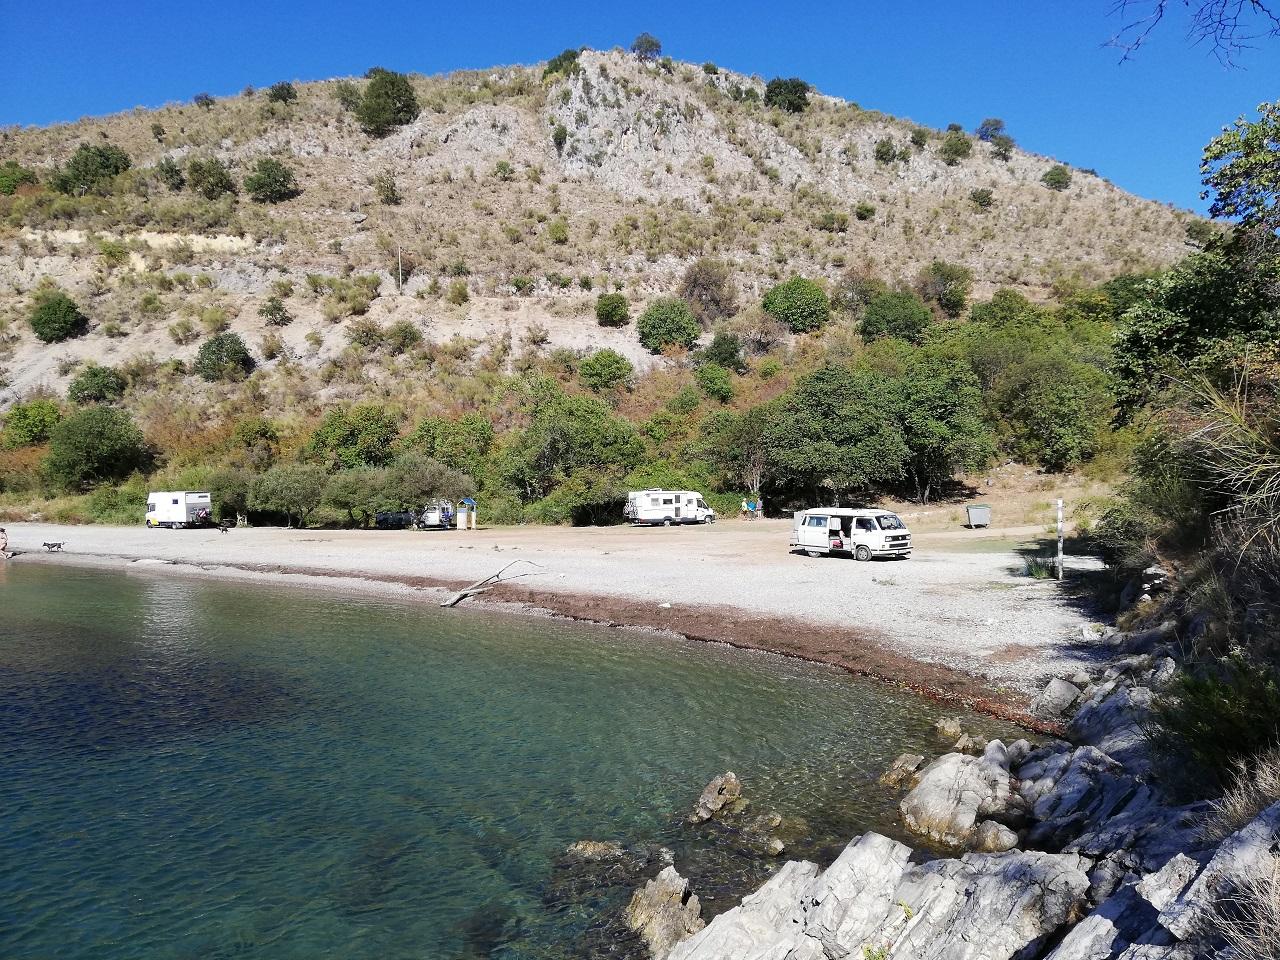 Von Albanien nach Griechenland – Mit der Fähre nach Venedig